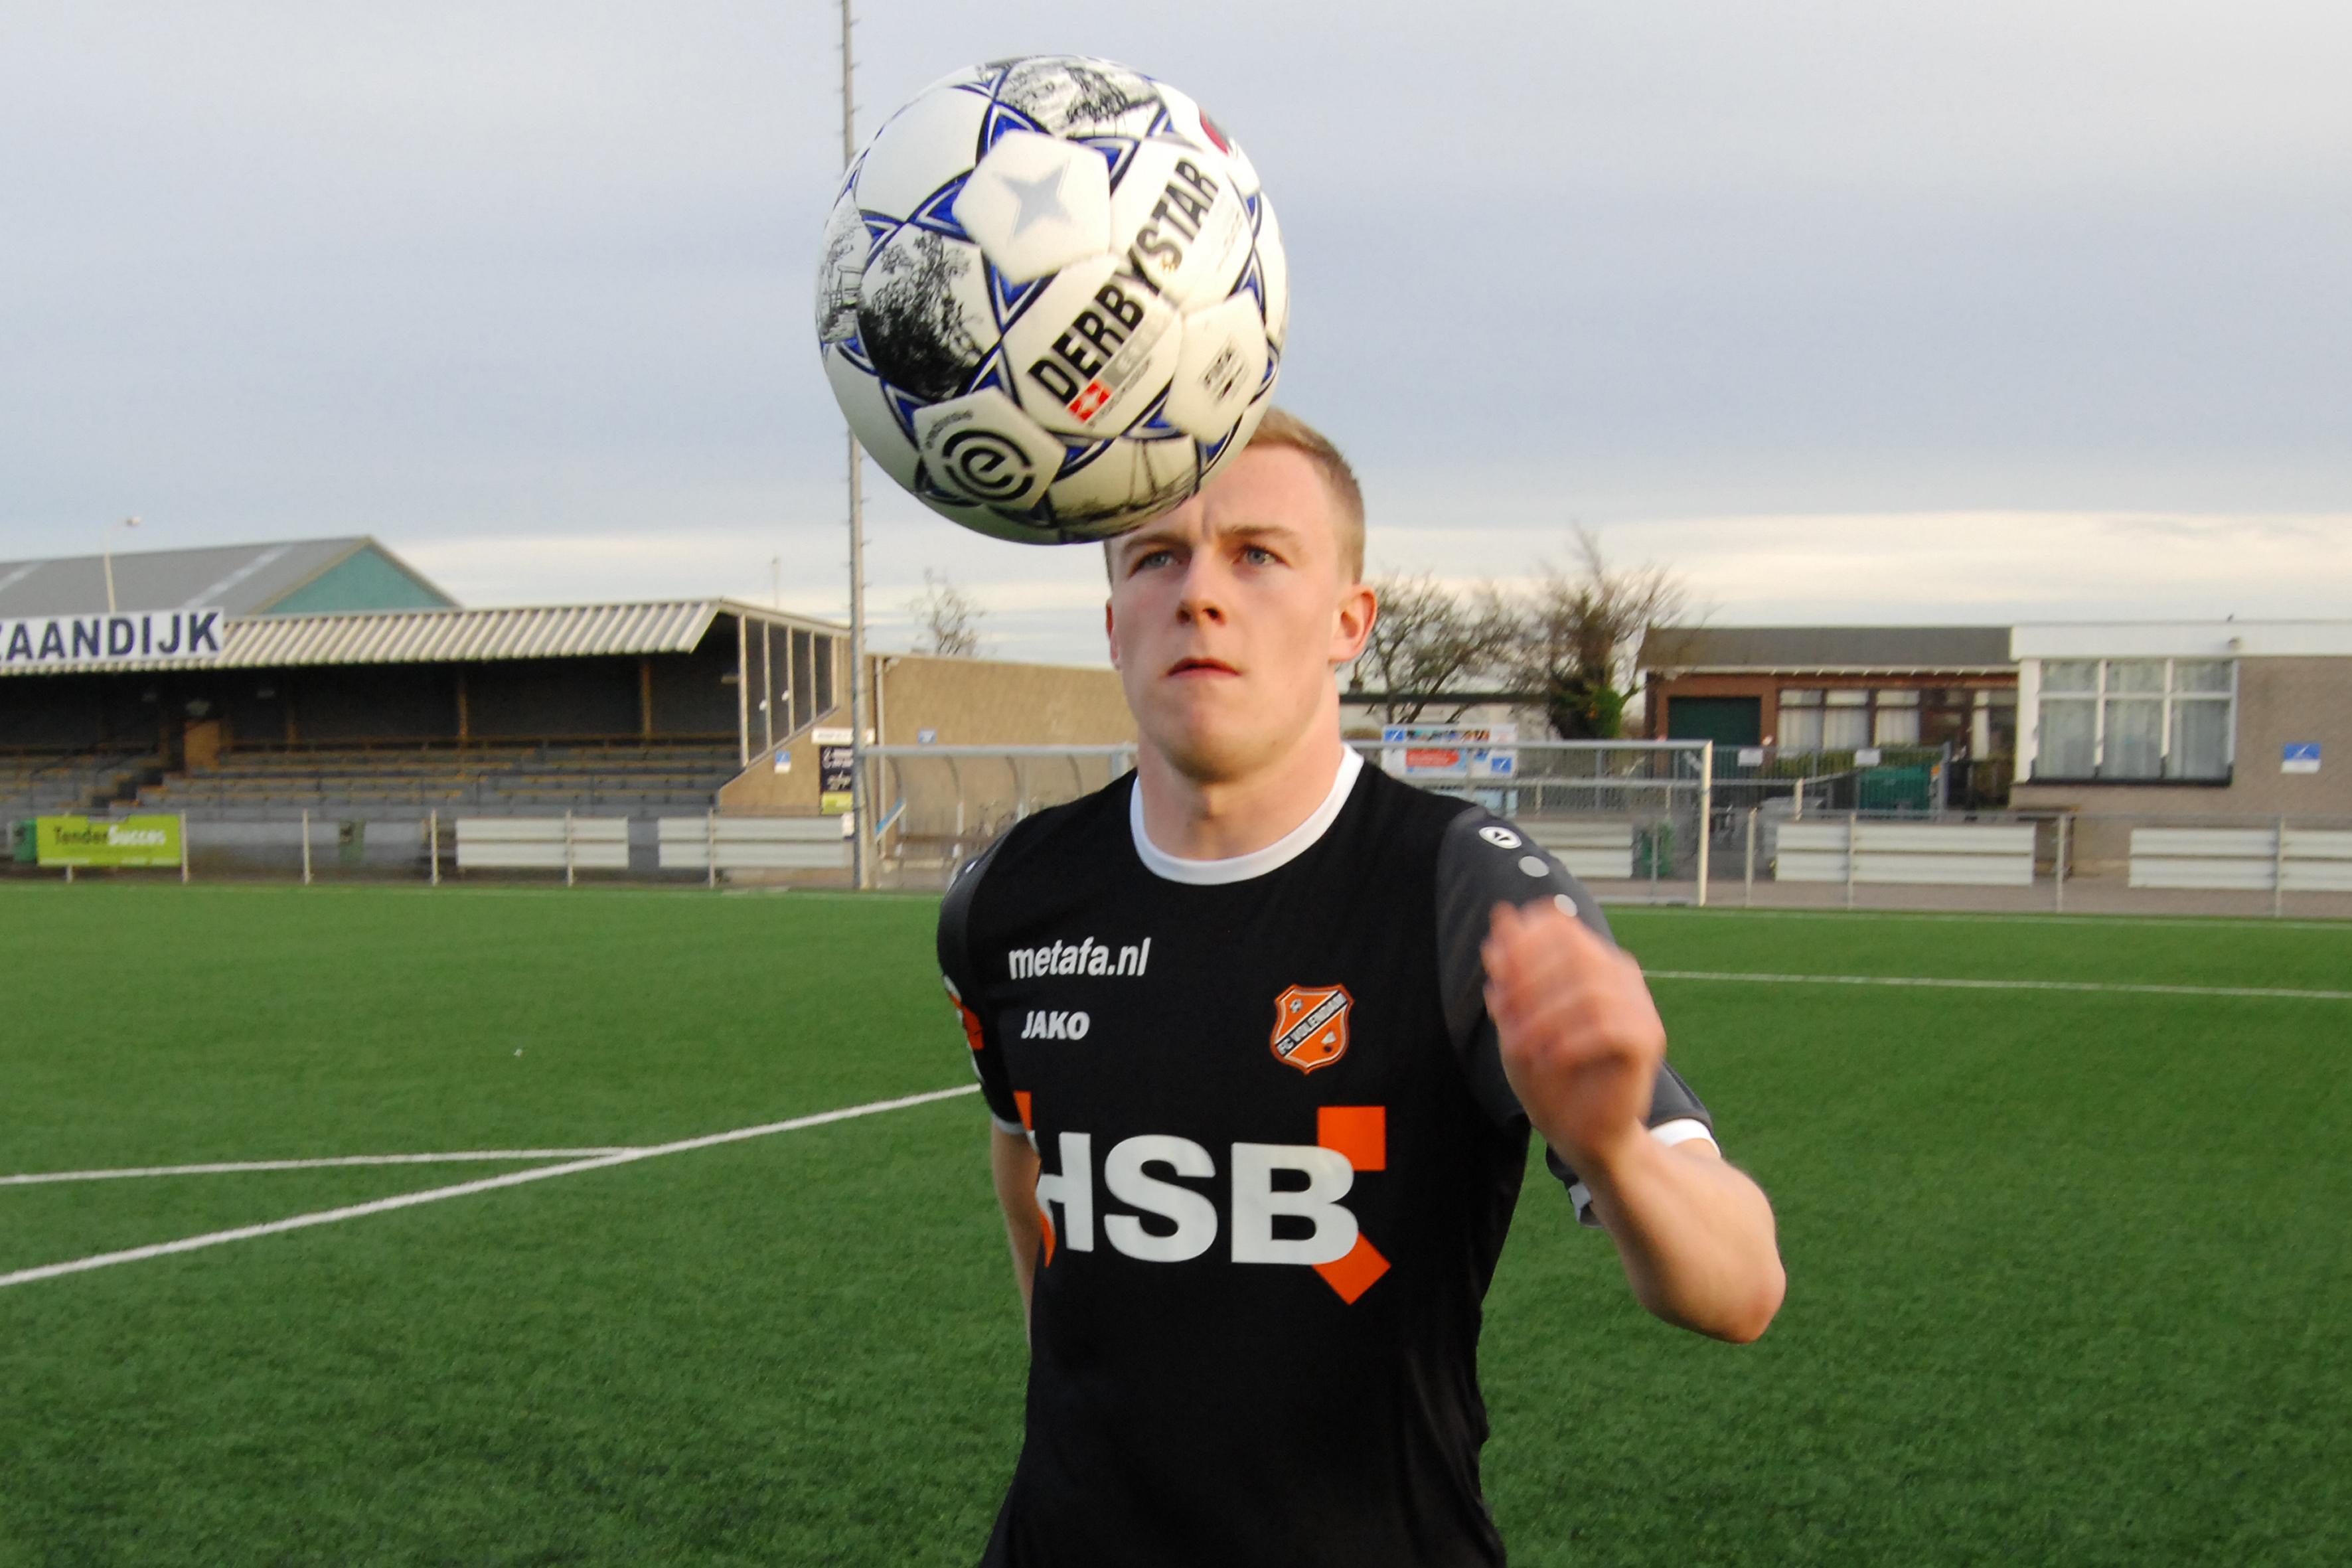 FC Volendam-aanvaller Derry John Murkin heeft alleen wat vlees bij de slager gehamsterd, 'voor geval dat'